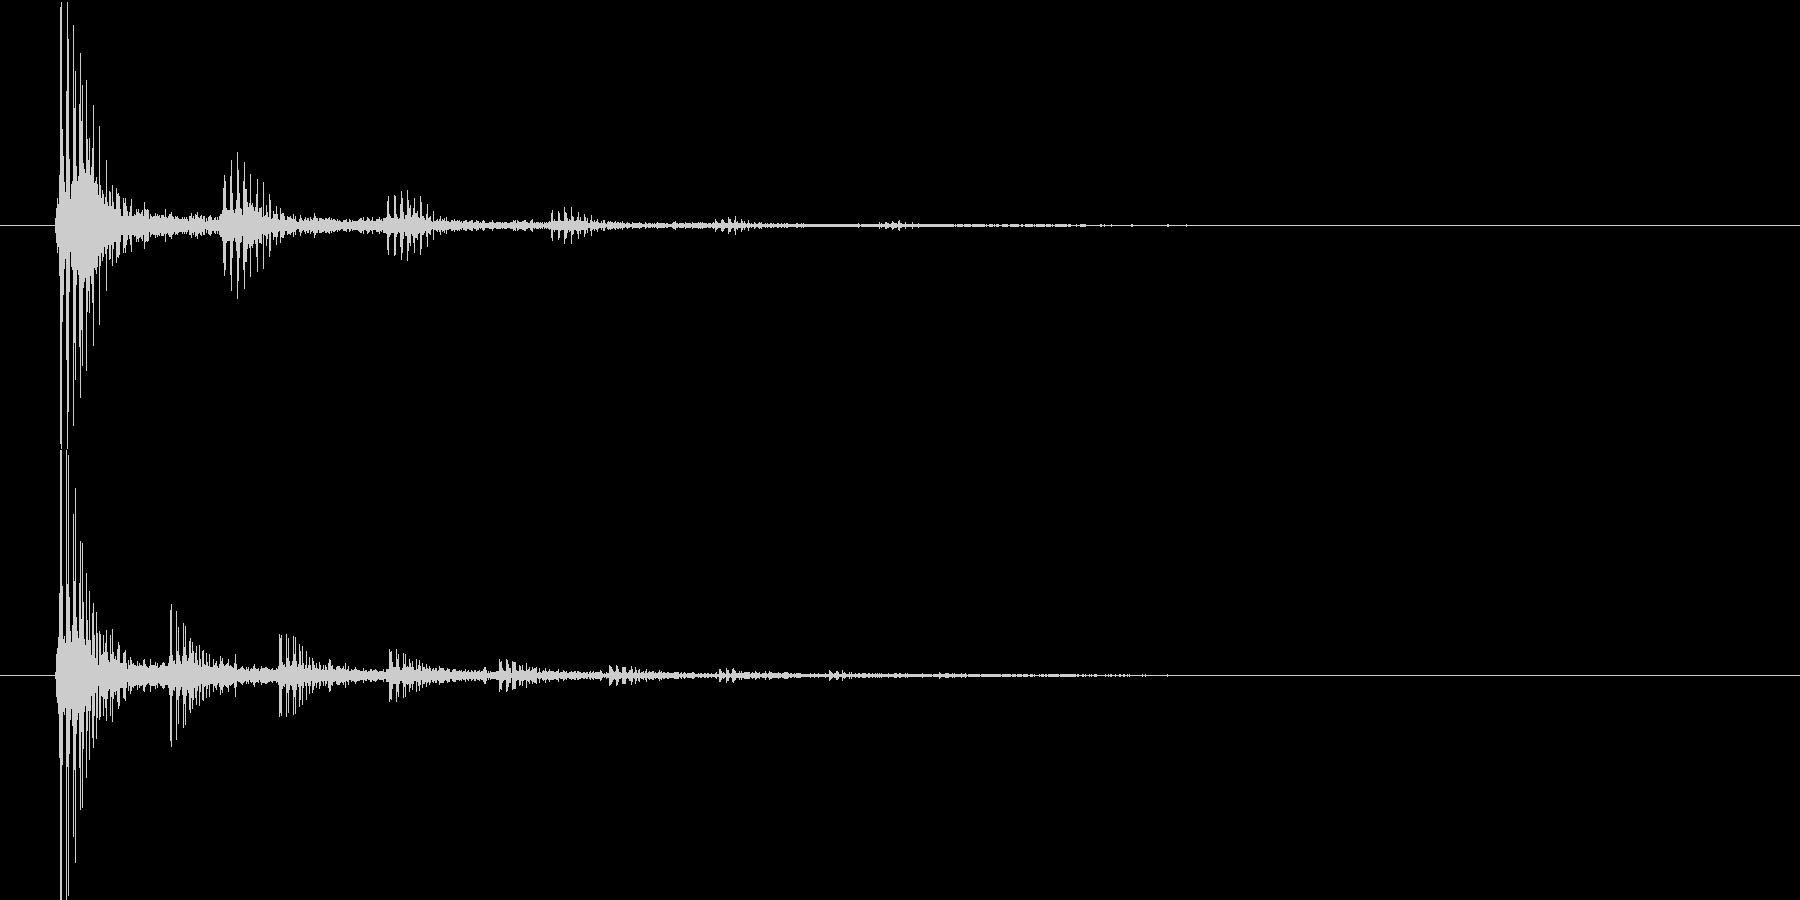 ビョンビョン(宇宙船内の音)の未再生の波形